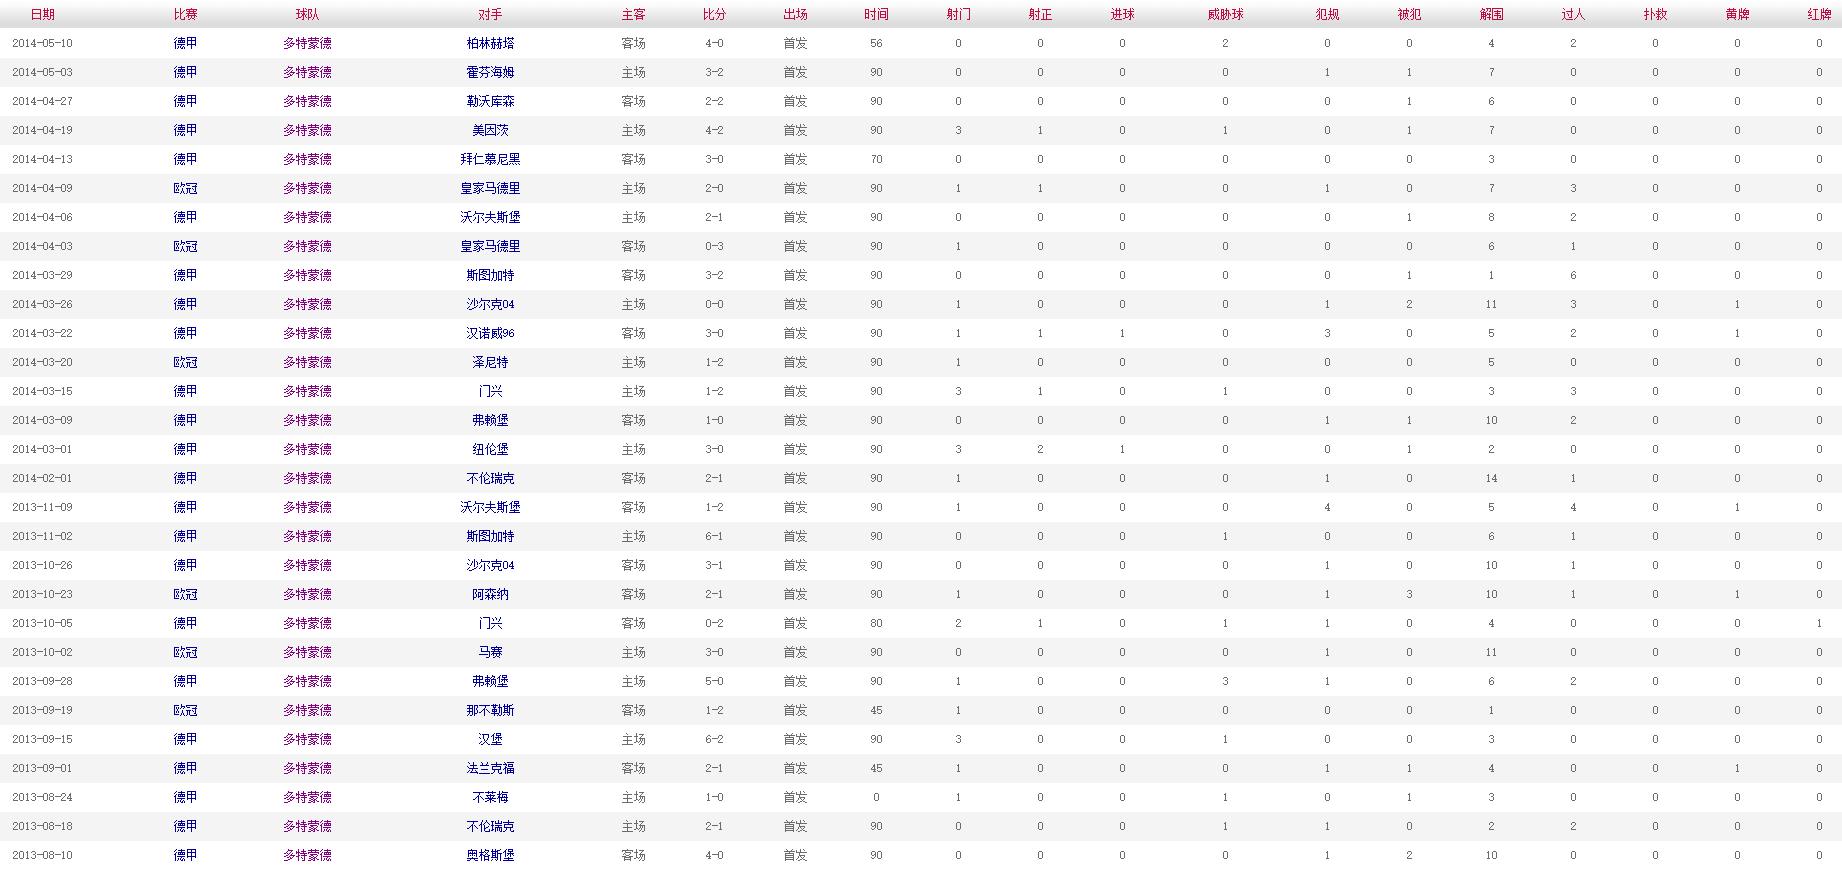 胡梅尔斯 2013-2014赛季比赛数据